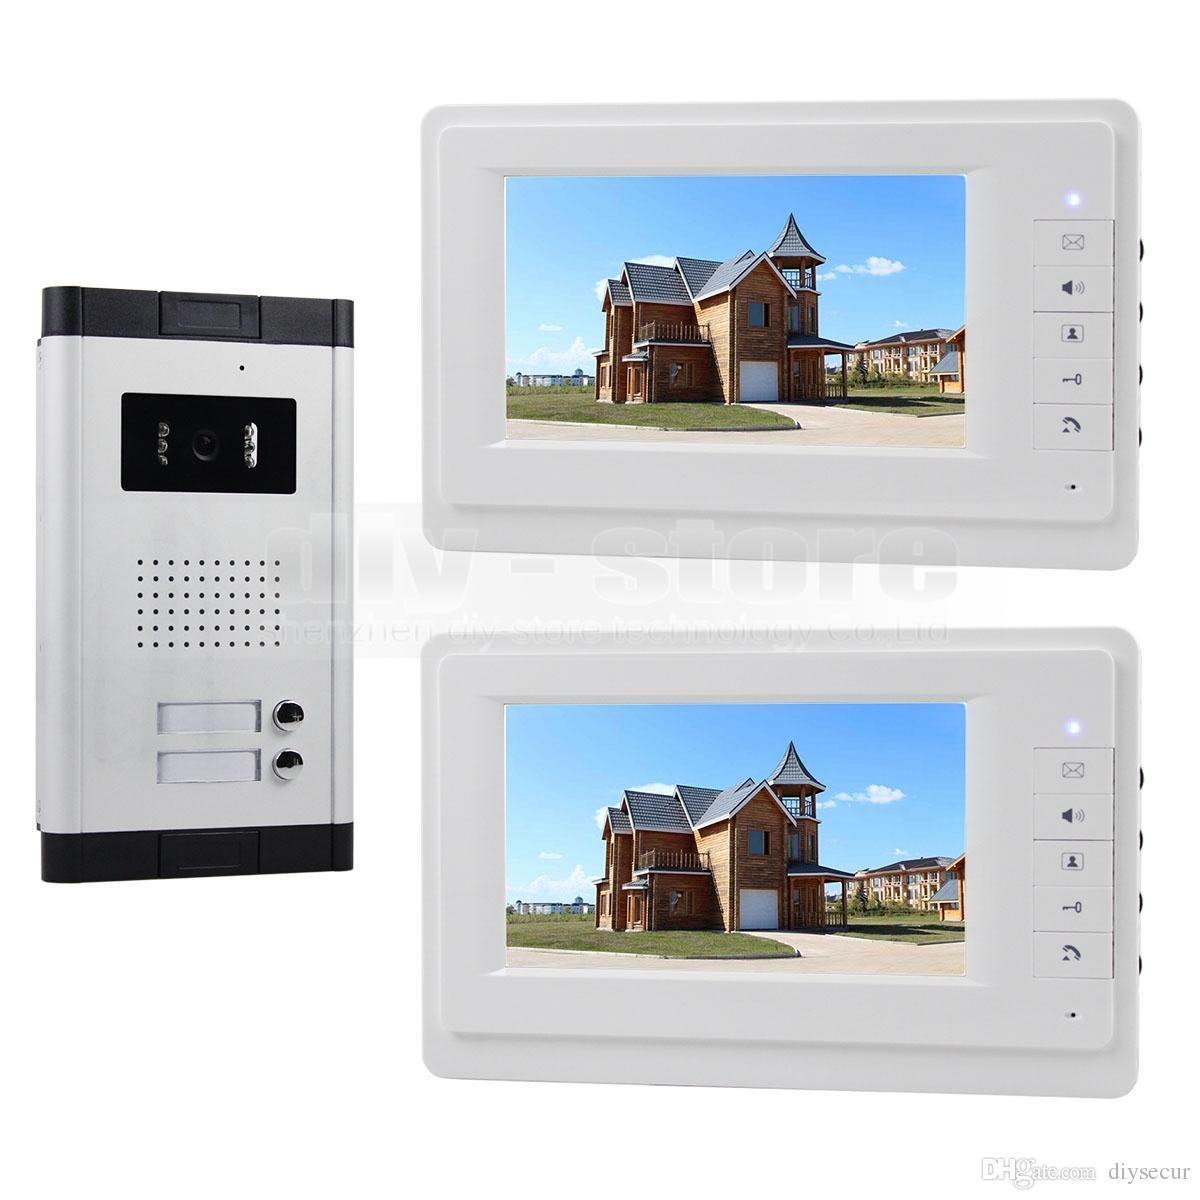 DIYSECUR 비디오 인터콤 도어 폰 7 인치 아파트 초인종 시스템 IR 카메라 700 TV 라인 터치 키 2 가족 용